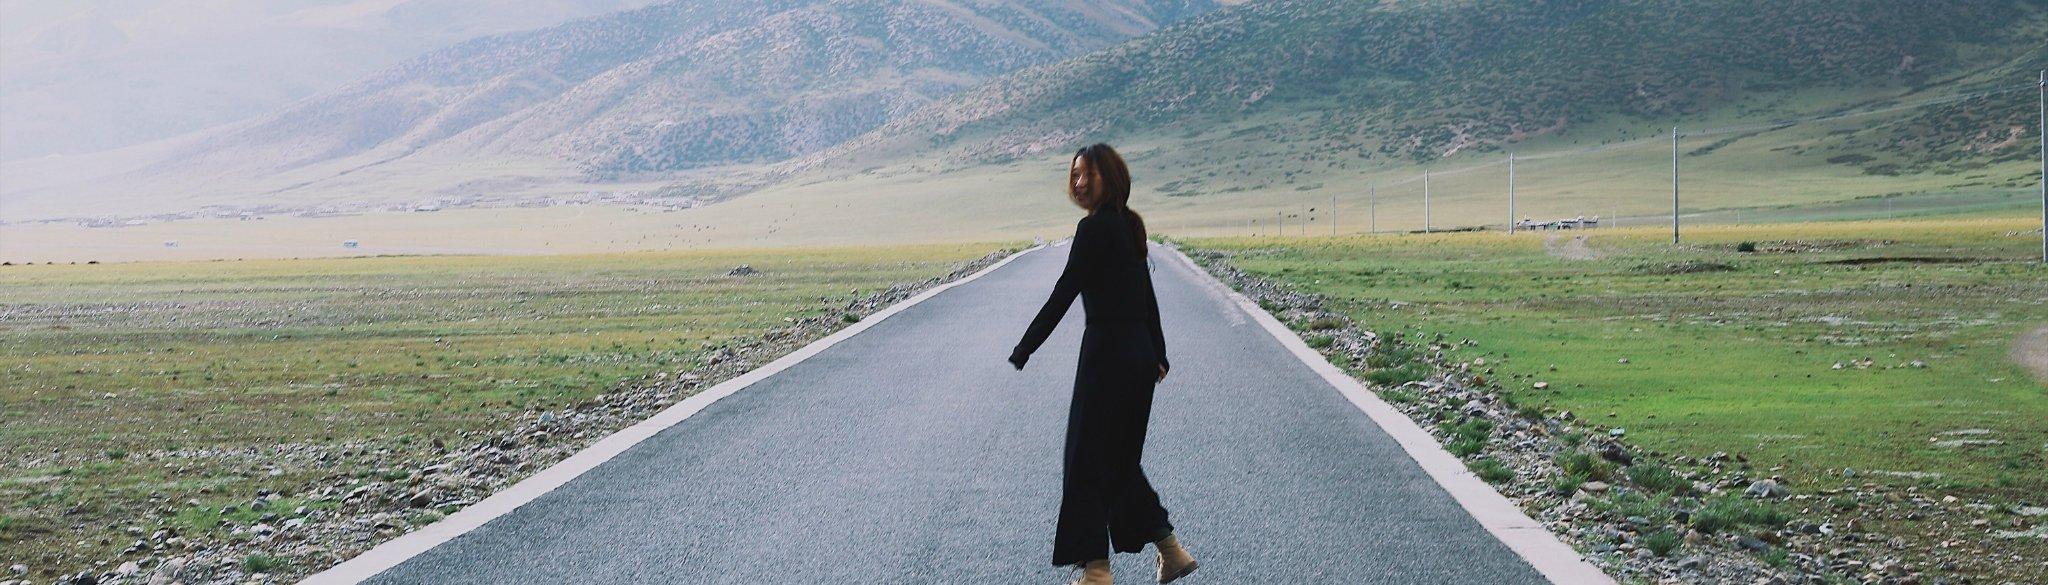 魂牵梦萦的地方 — 大理 滇藏 西藏  记这20日的旅行 by amanda